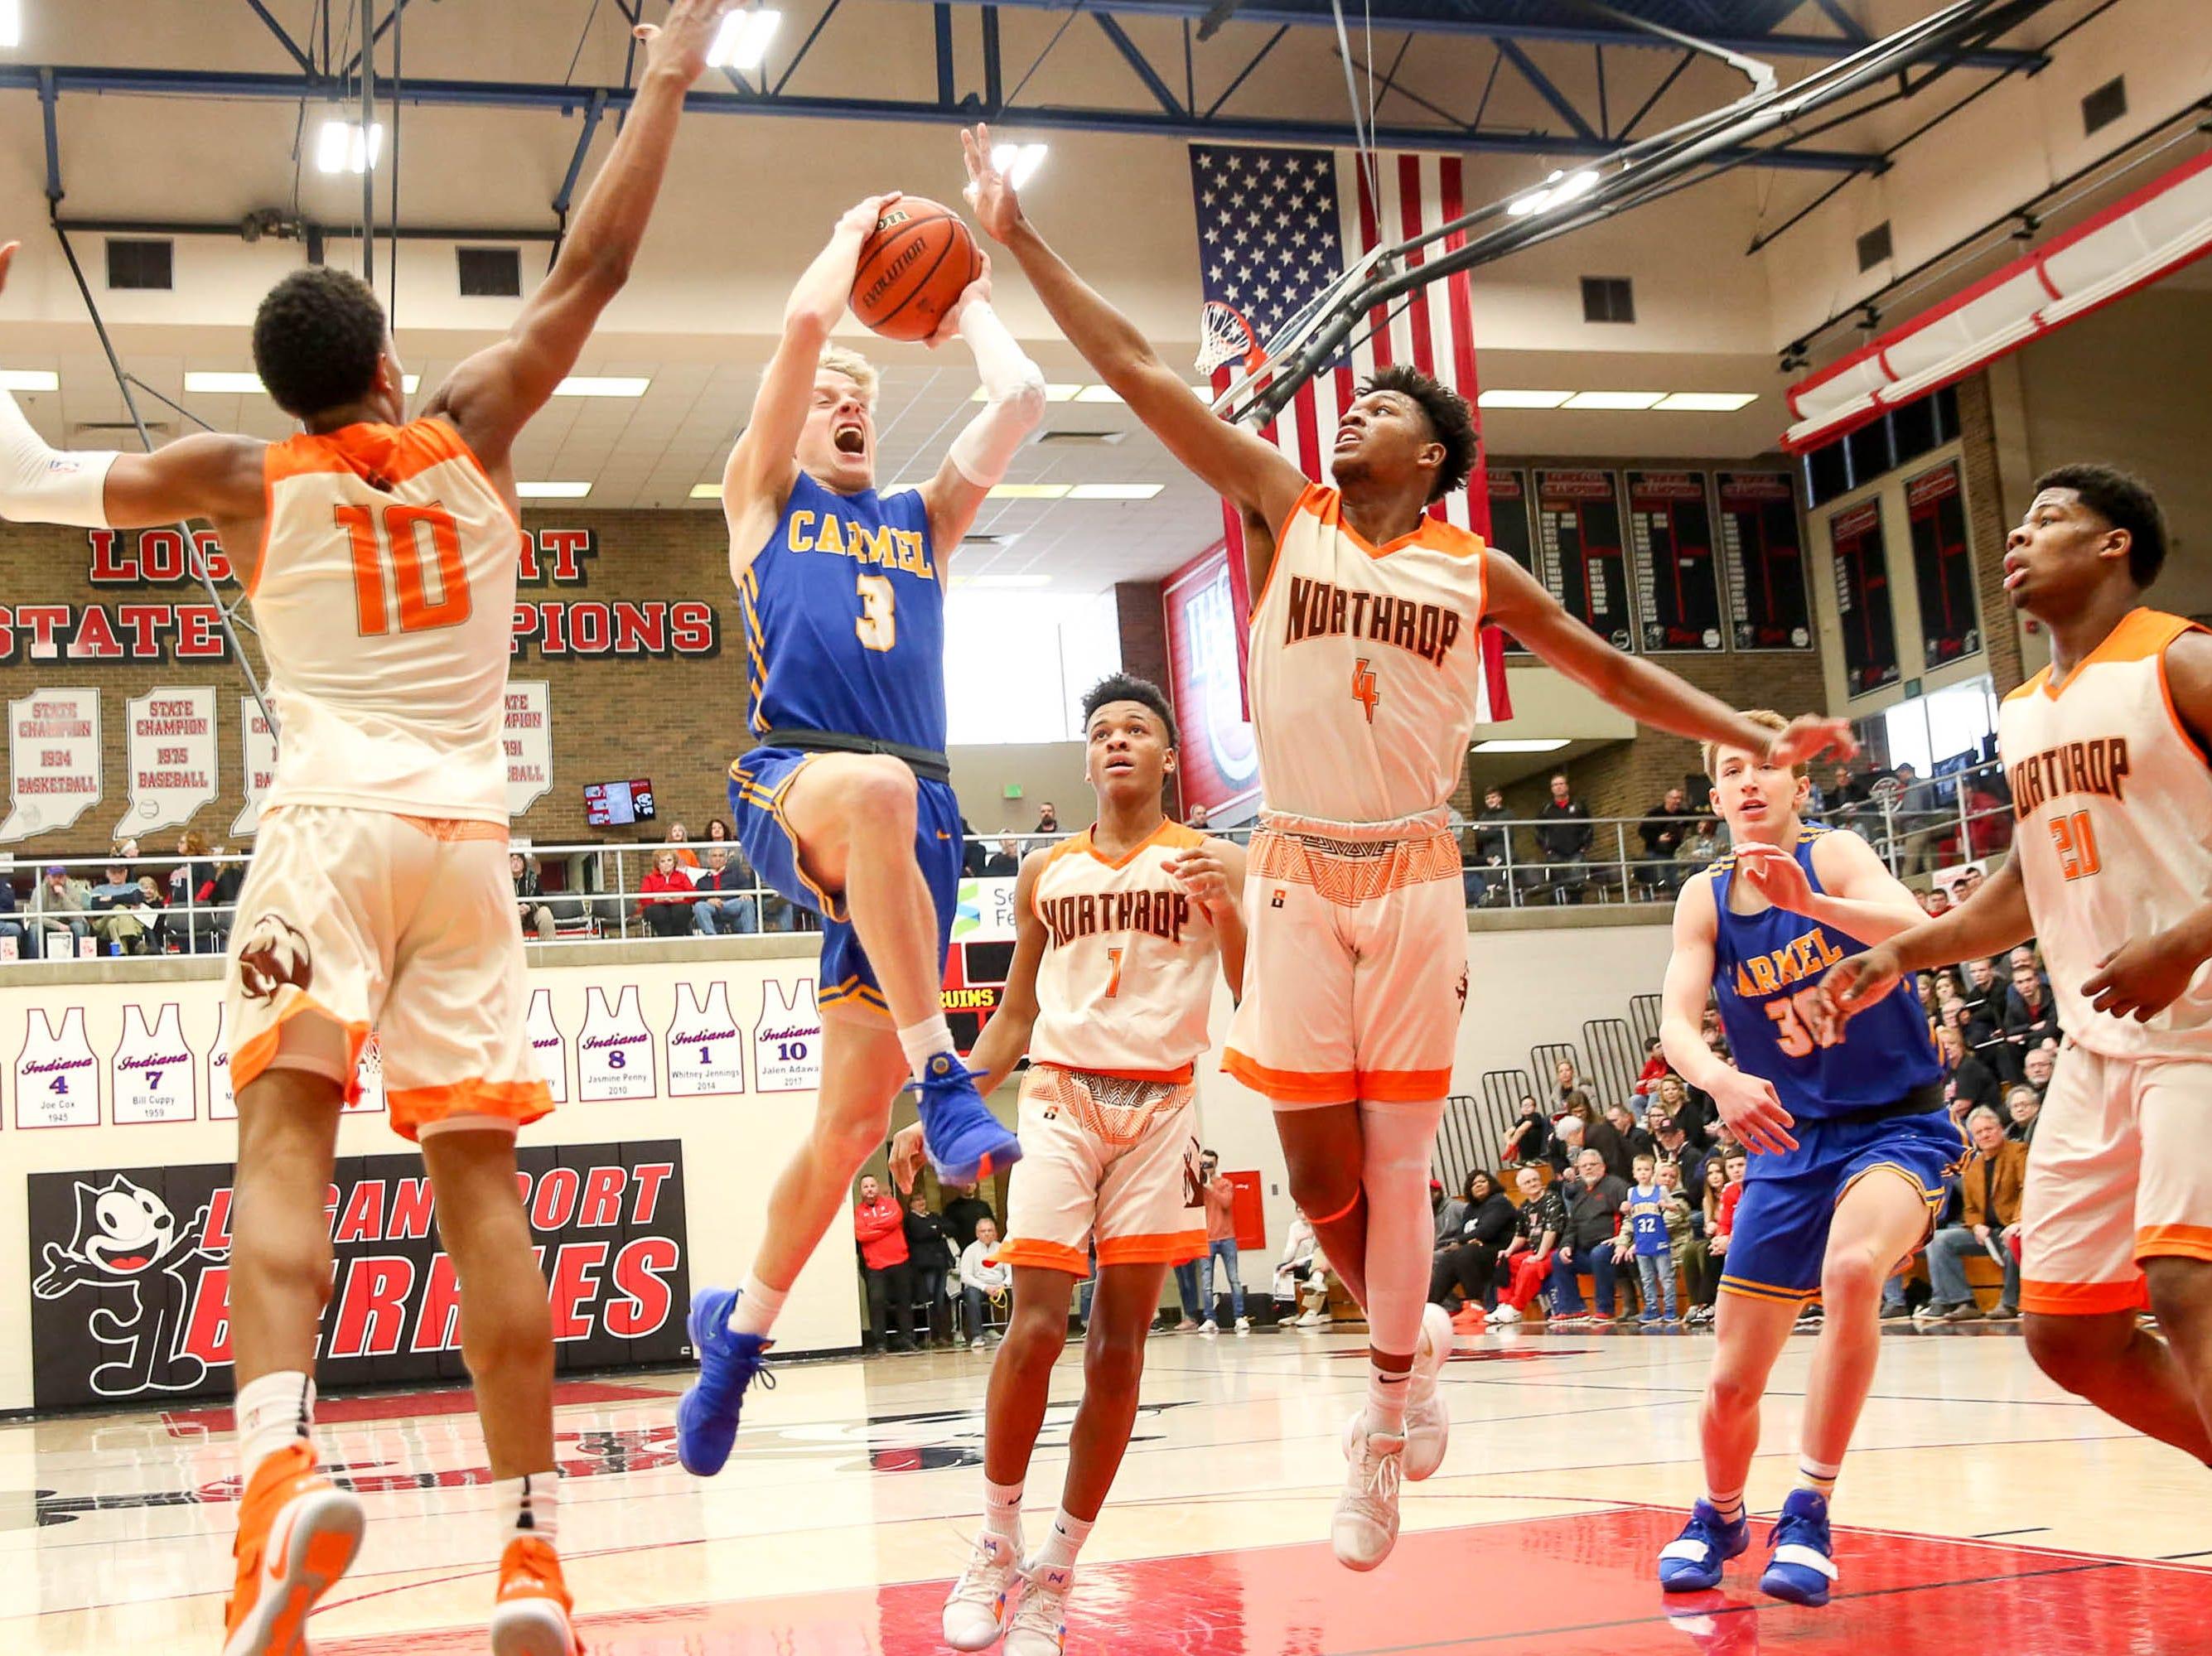 Carmel's Karsten Windlan (3) tries to find space between two defenders during the first half of Carmel vs. Fort Wayne Northrop High School in the IHSAA Varsity Boys Regional Semifinals held at Logansport High School, March 9, 2019.